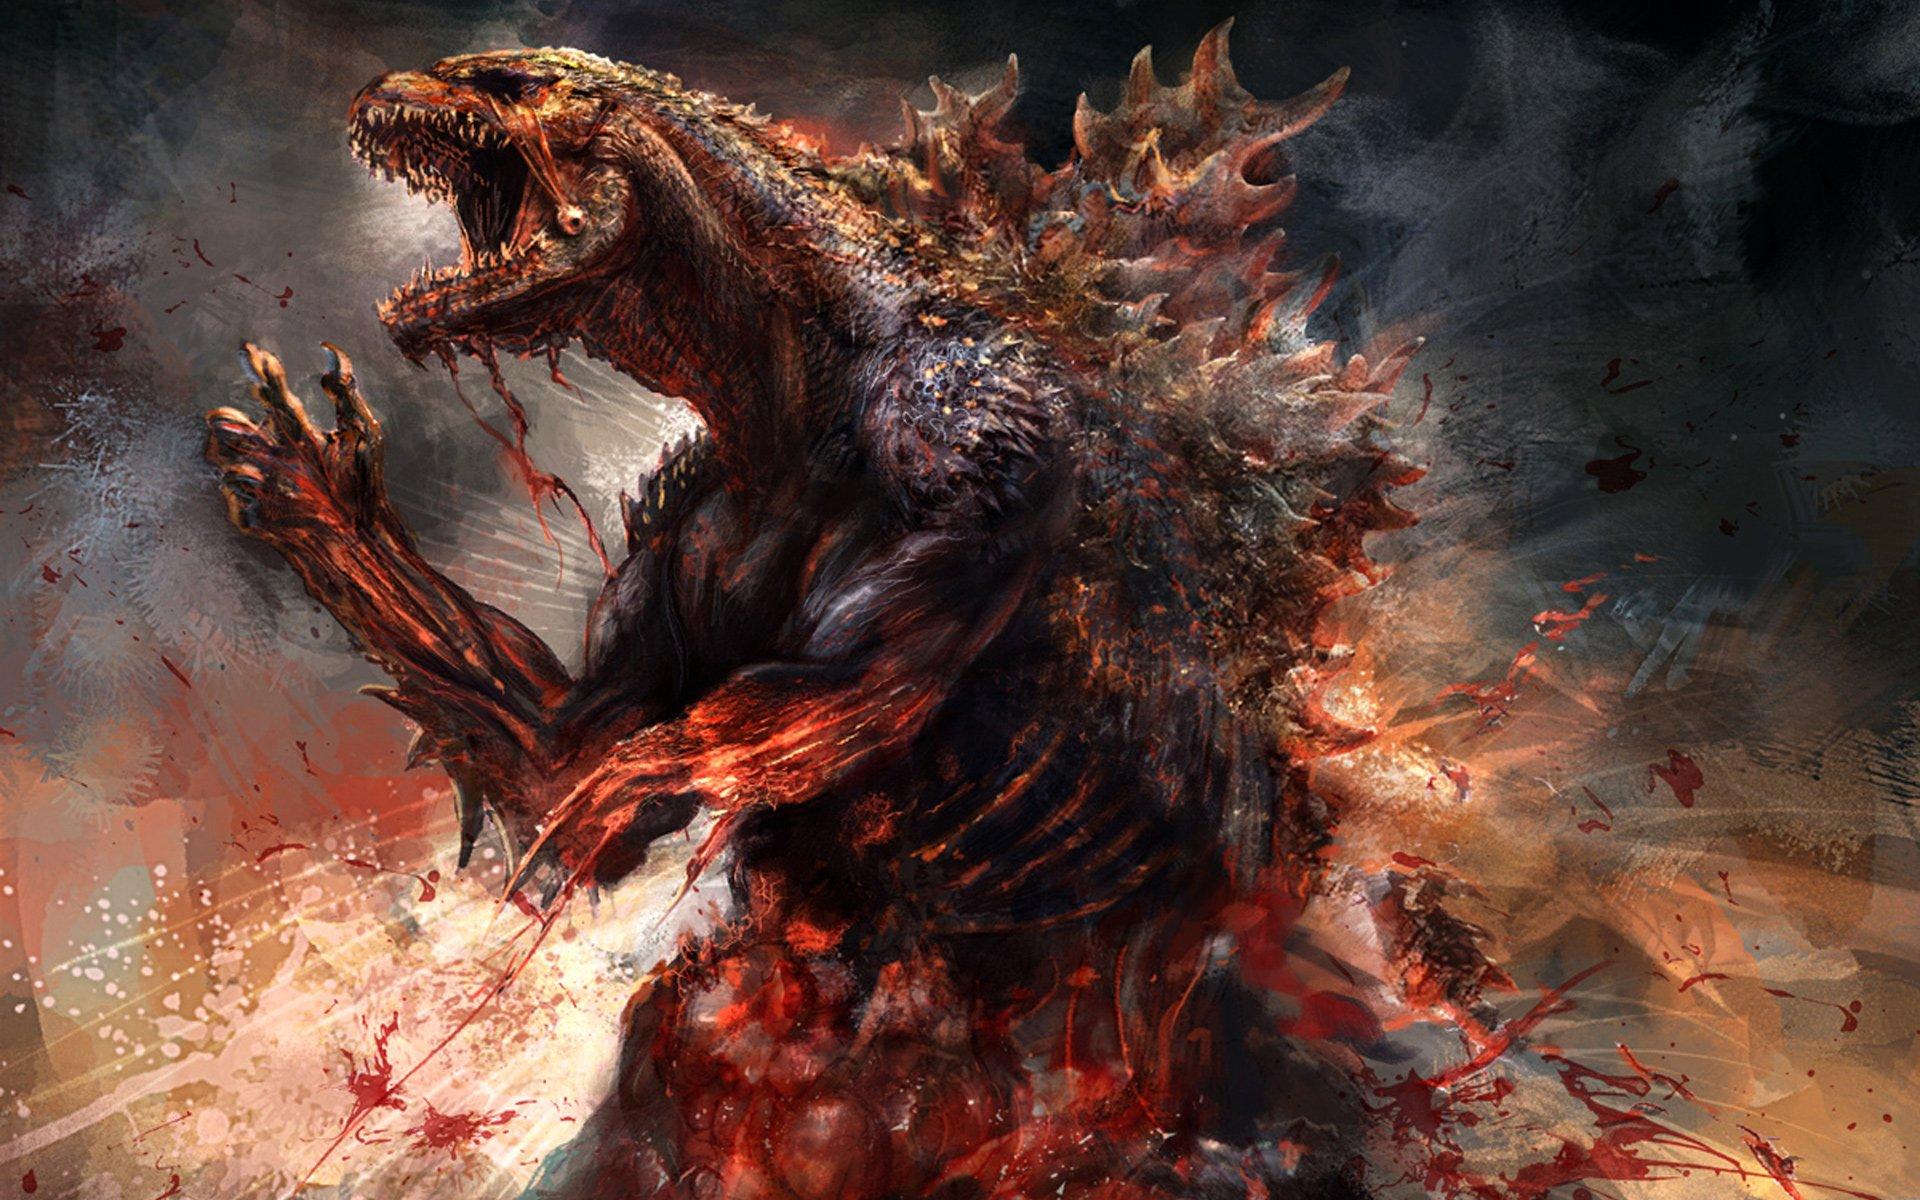 wallpaper godzilla monster dinosaur - photo #13